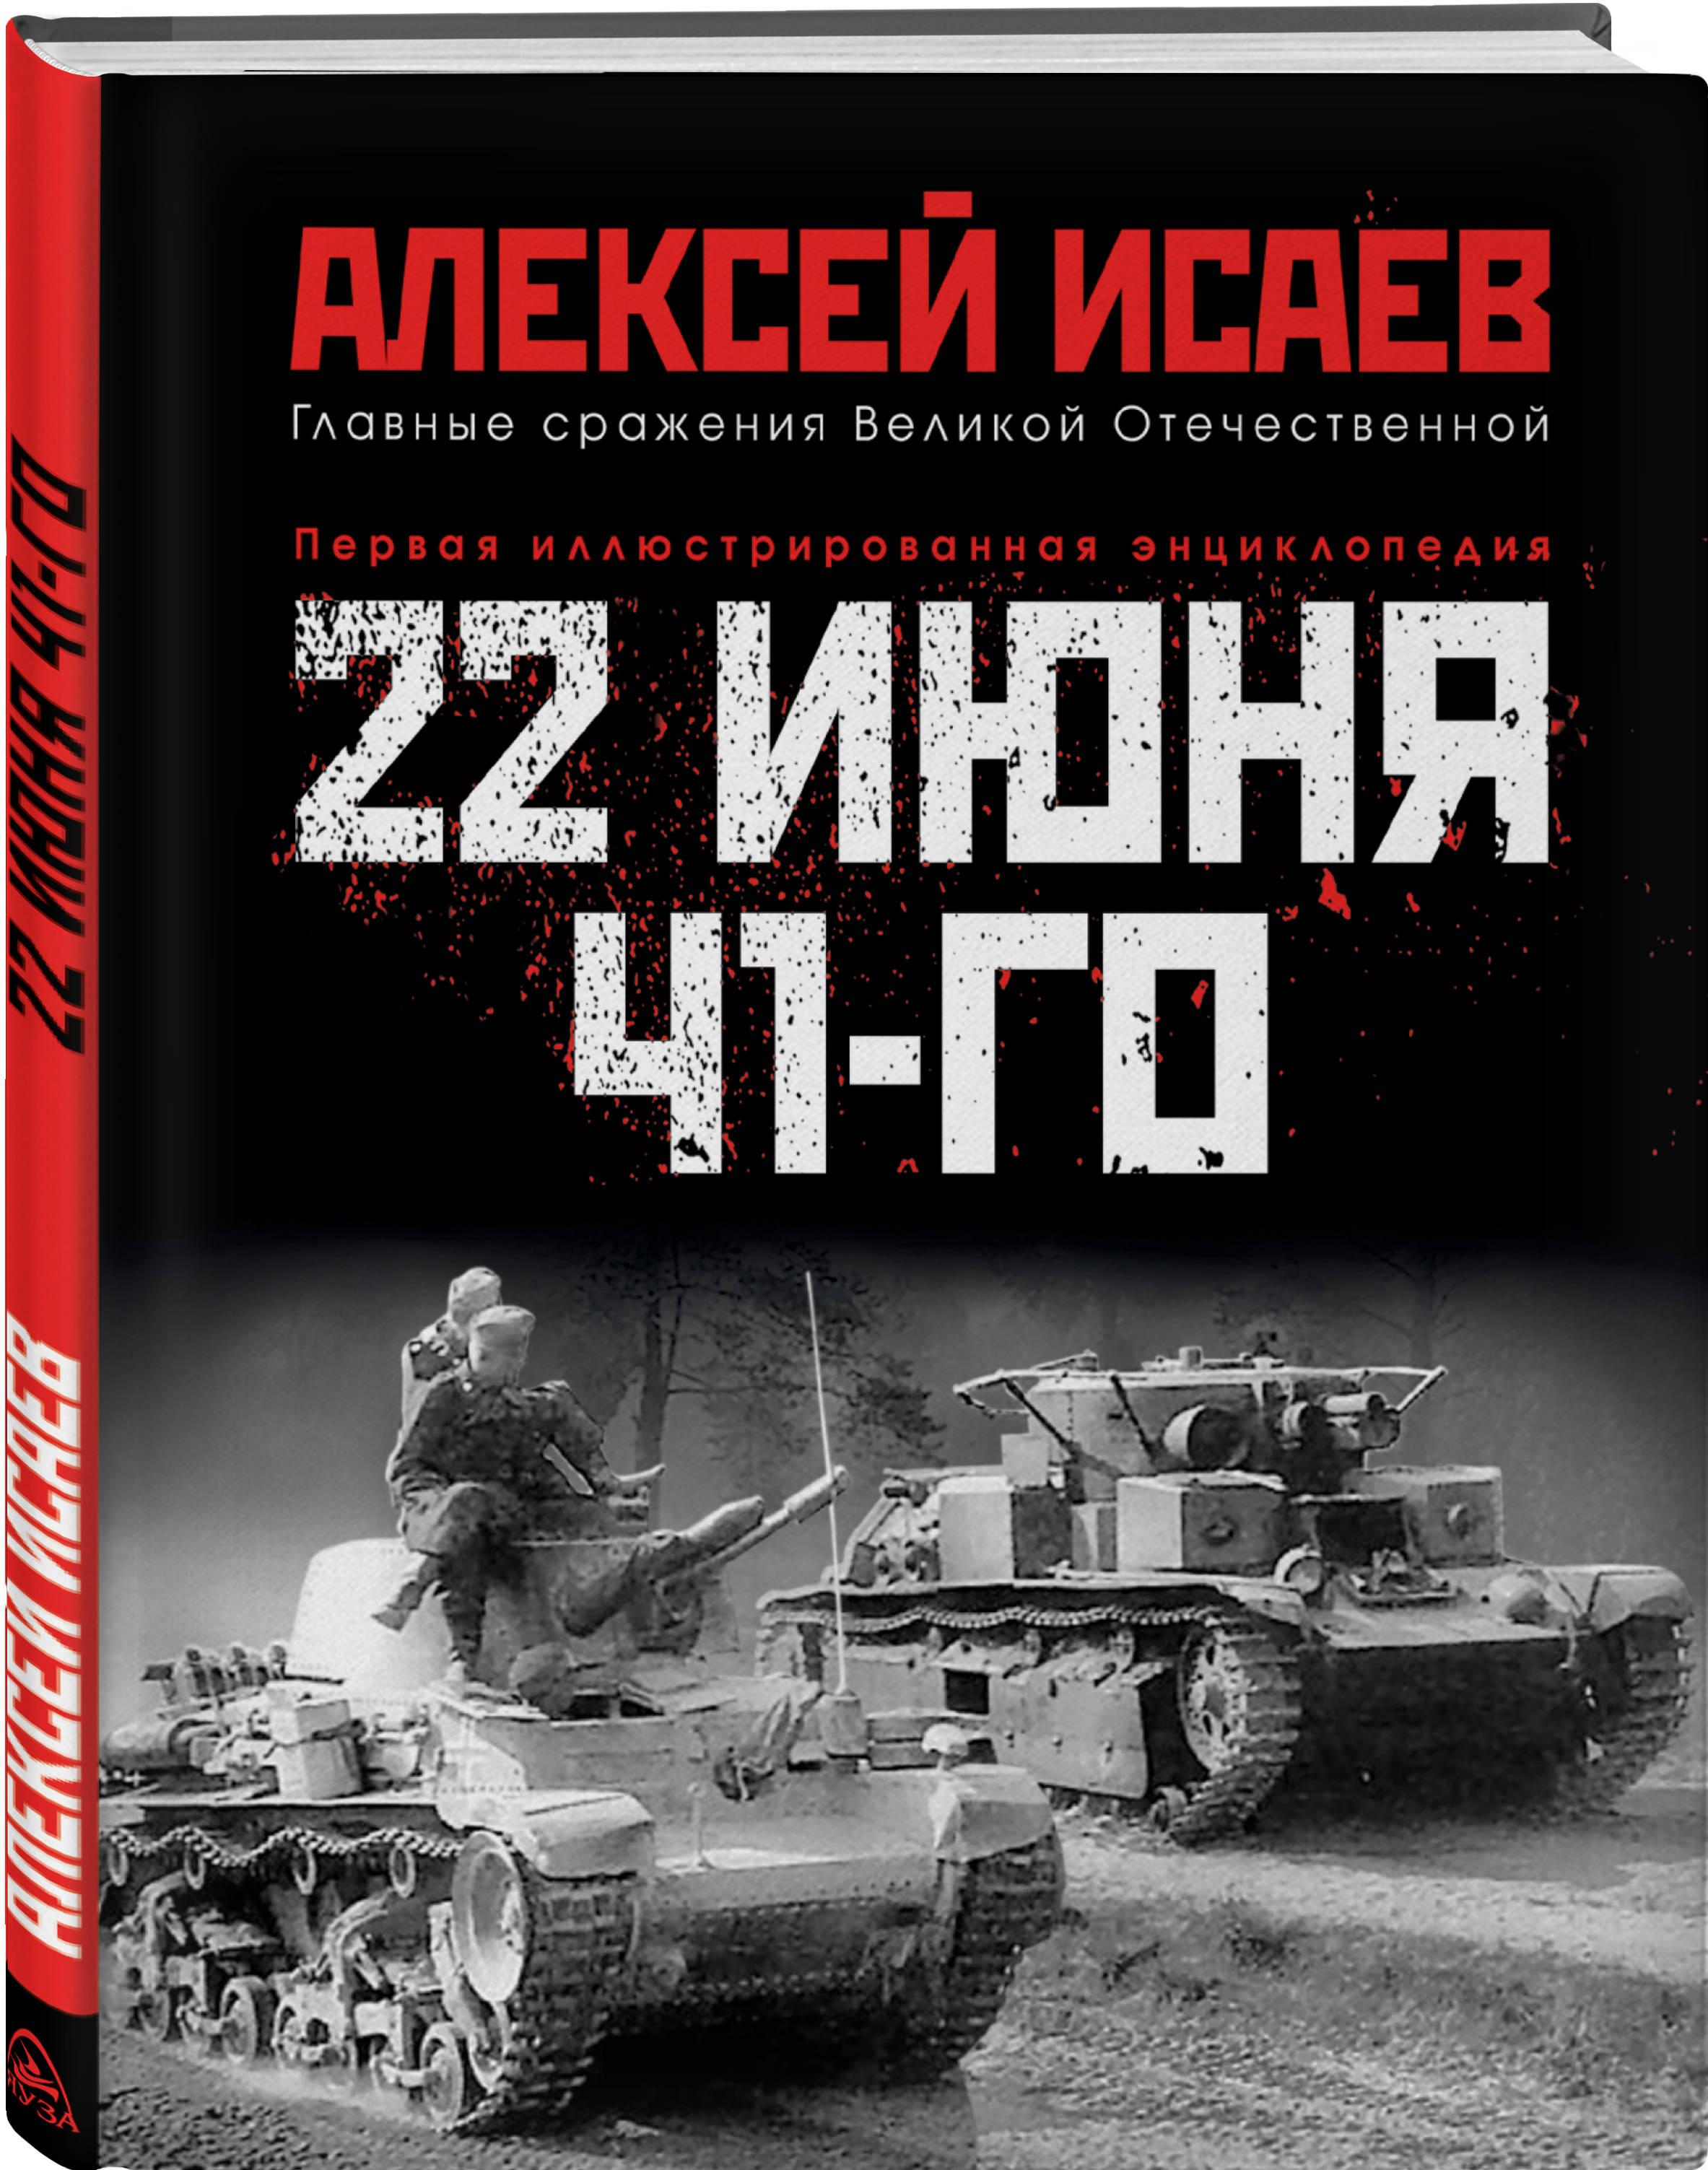 Алексей Исаев 22 июня 41-го: Первая иллюстрированная энциклопедия савицкий г яростный поход танковый ад 1941 года